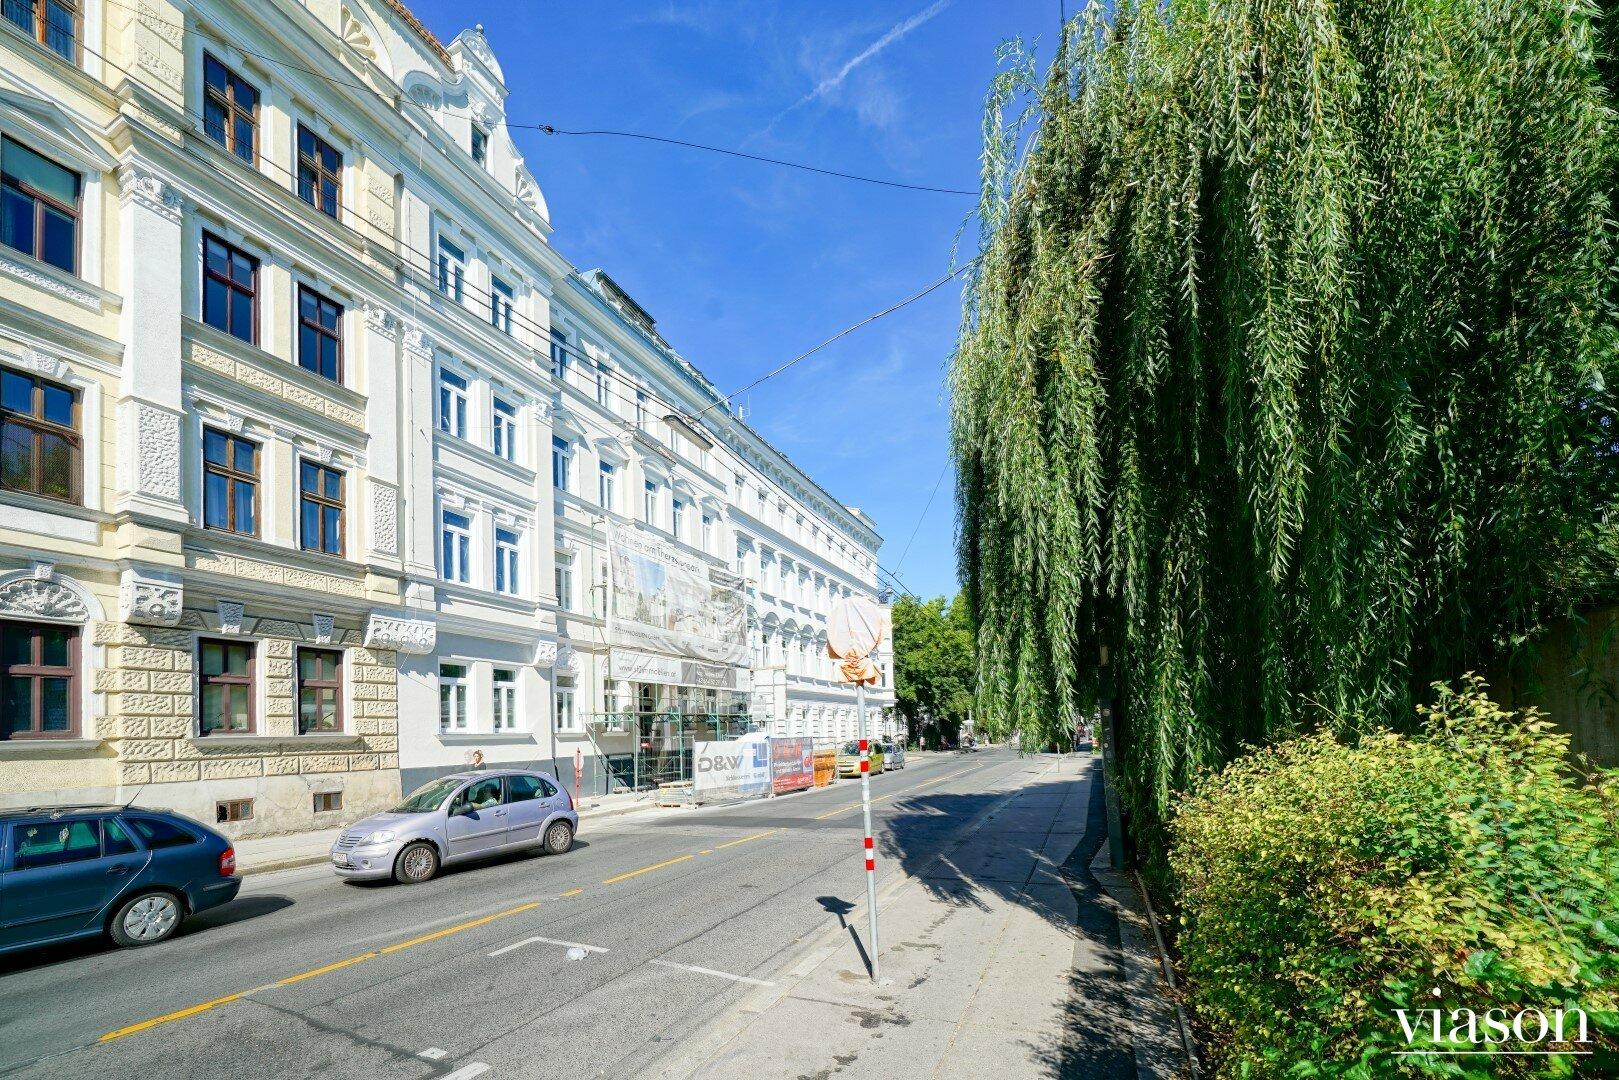 Fassadenansicht Ruckergasse_Grünlage